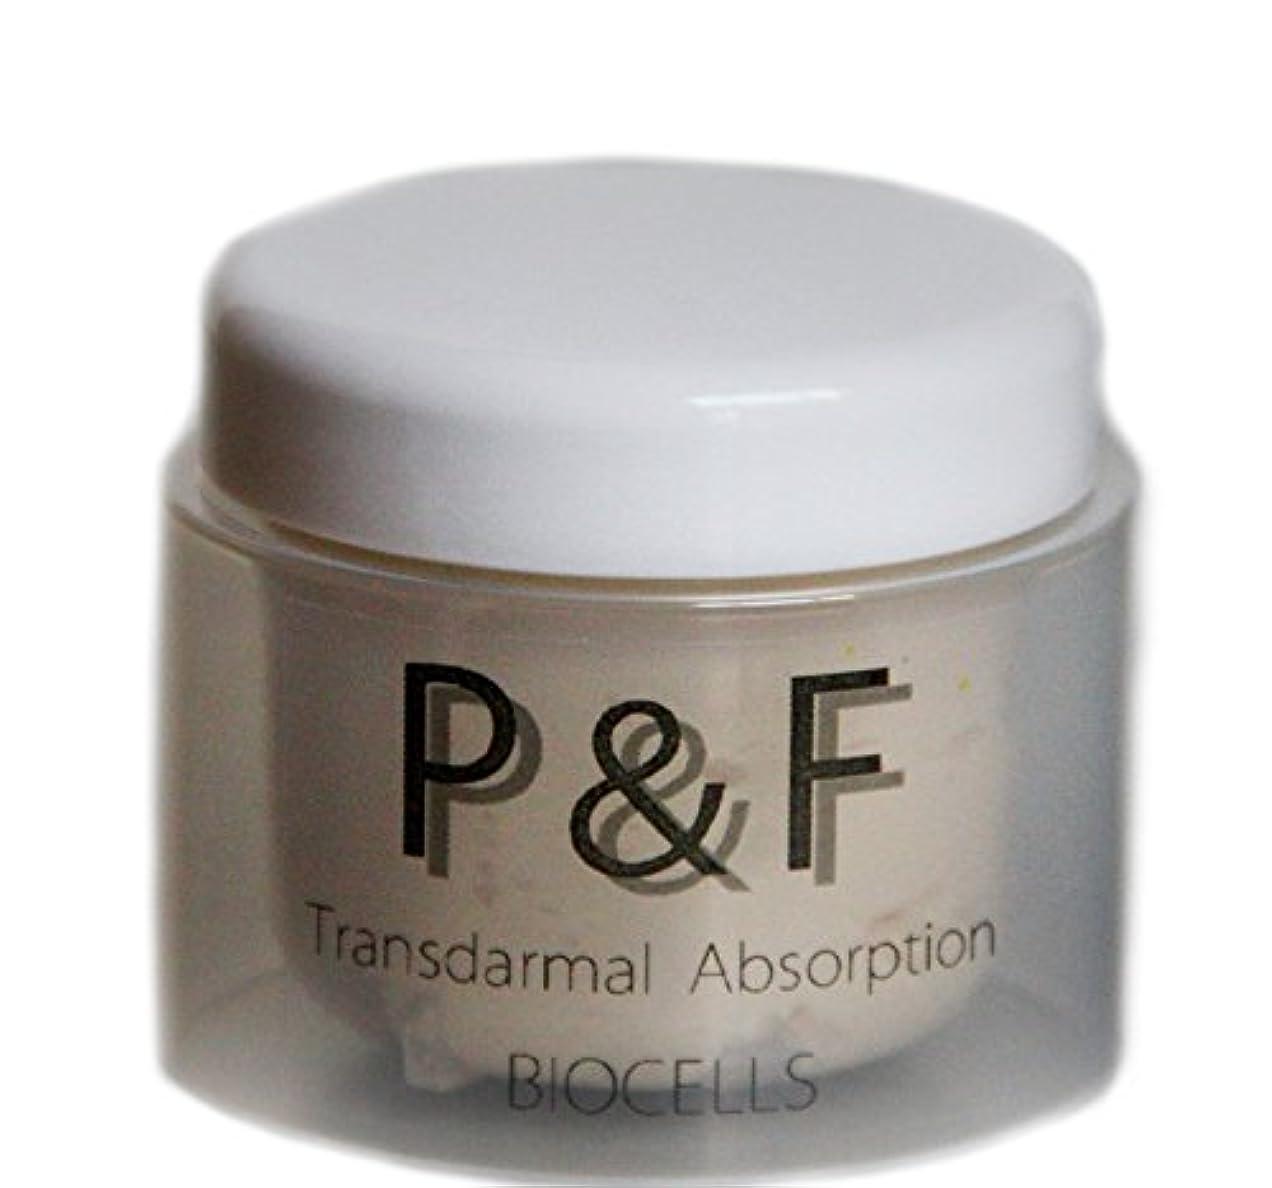 良性比率パテP&F 30g フェルラ酸配合メソクリーム(香料、着色料、合成乳化剤不使用)